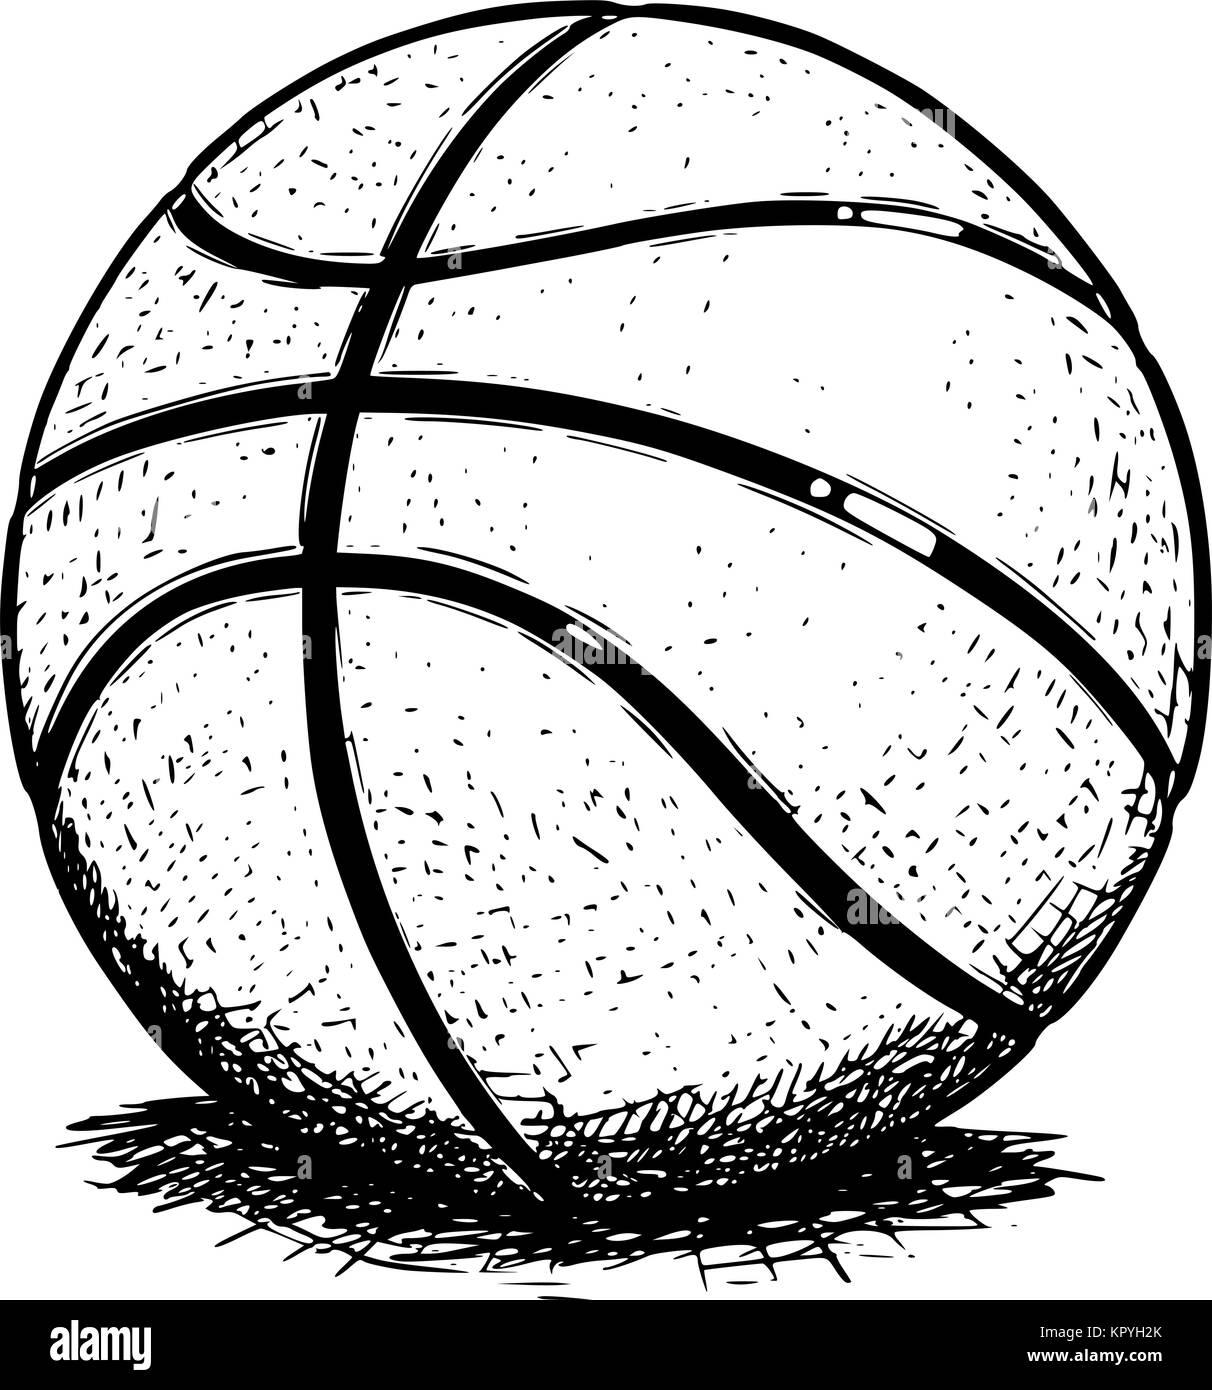 mão desenhada desenho vetorial ilustração da bola de basquete